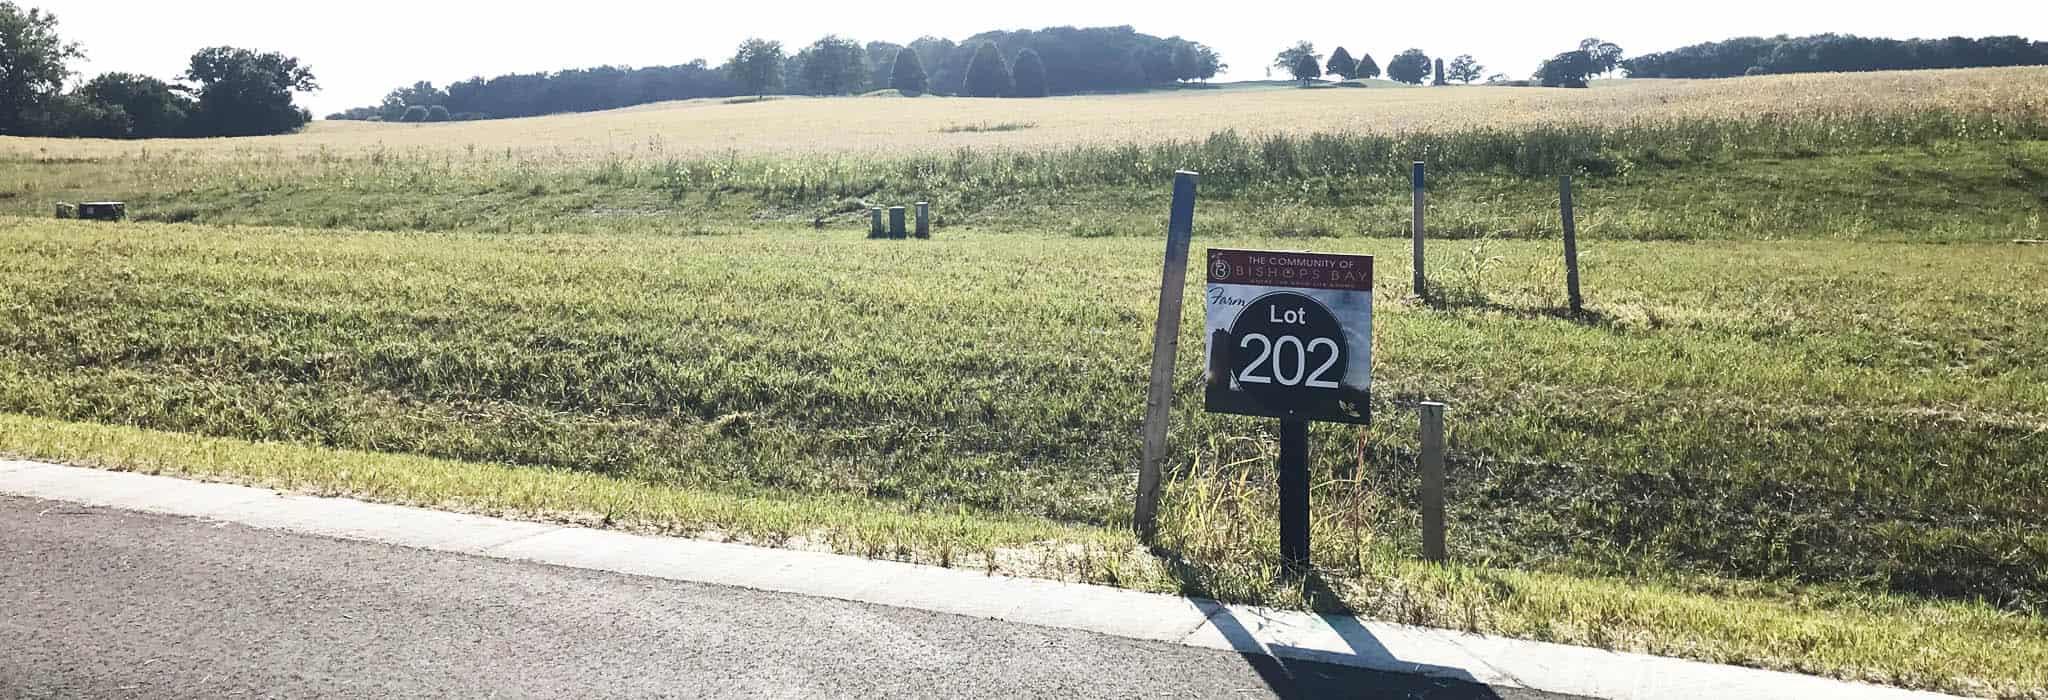 Farm Lot 202